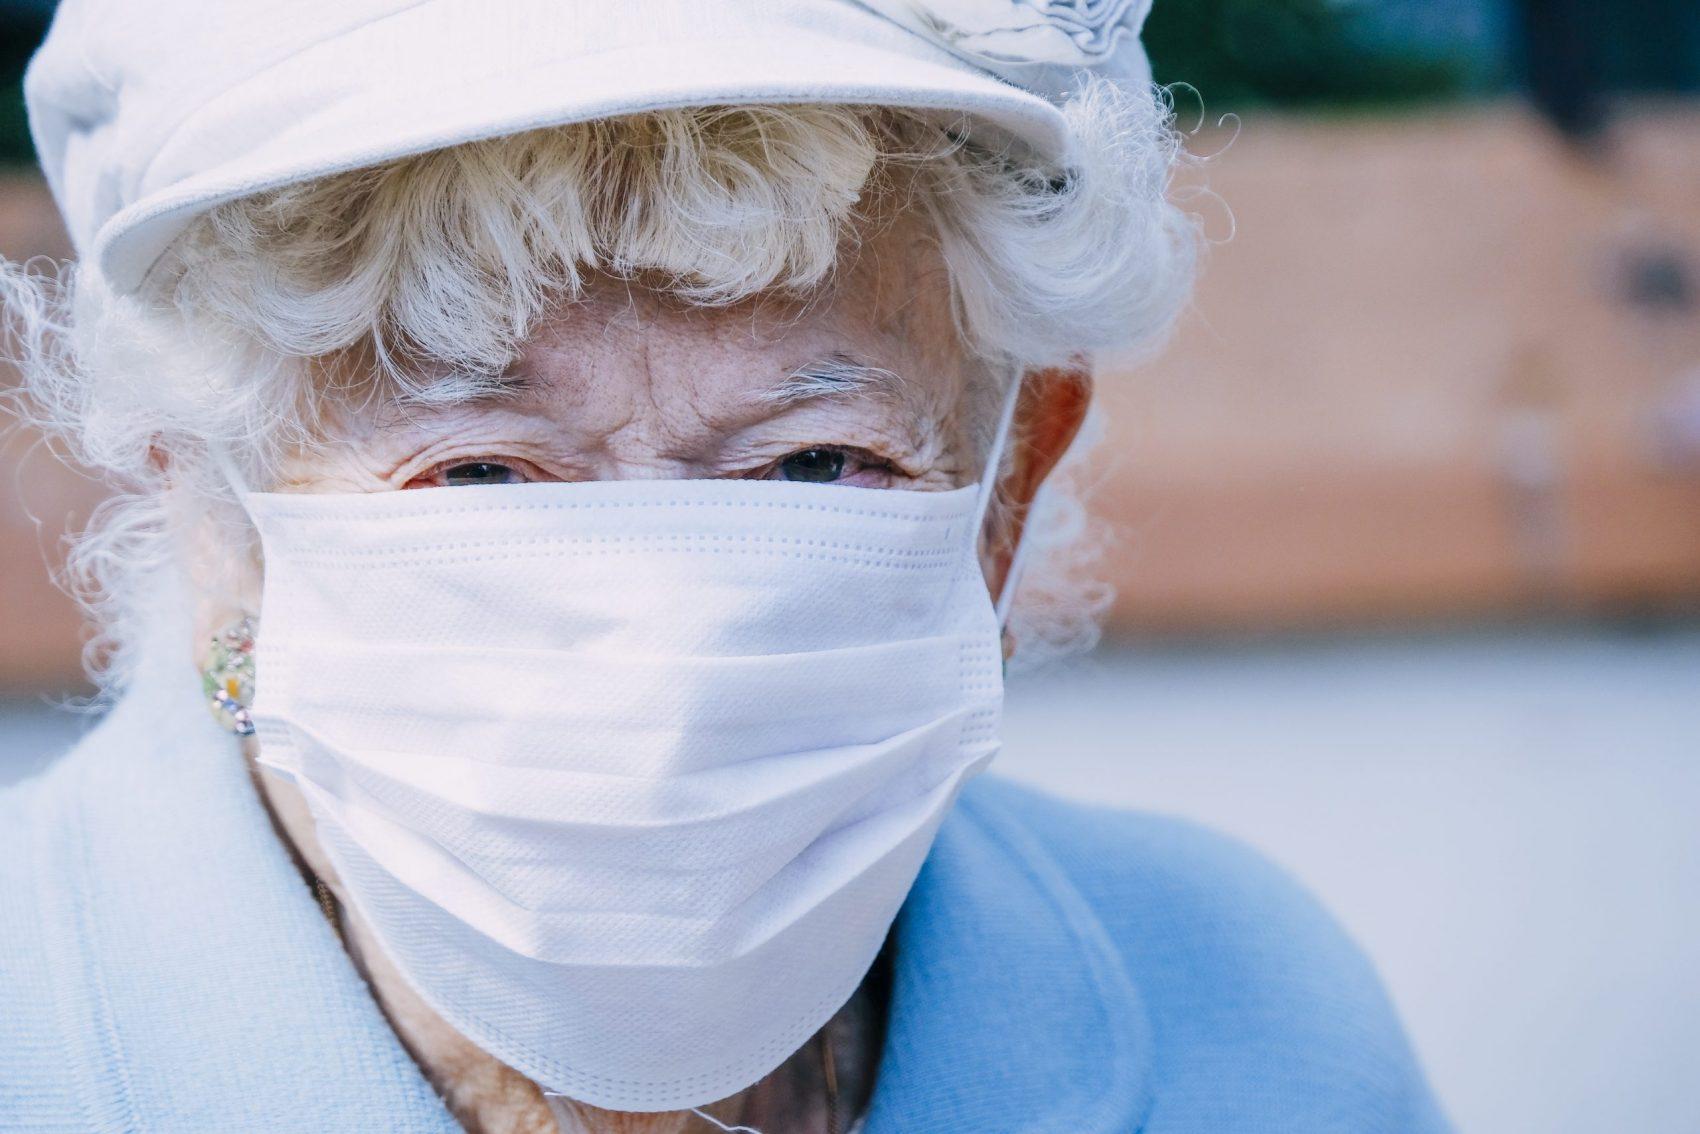 Proteção: idosos têm mais probabilidade de desenvolver sintomas graves da covid-19 (Foto: Sandrine Mulas/AFP)